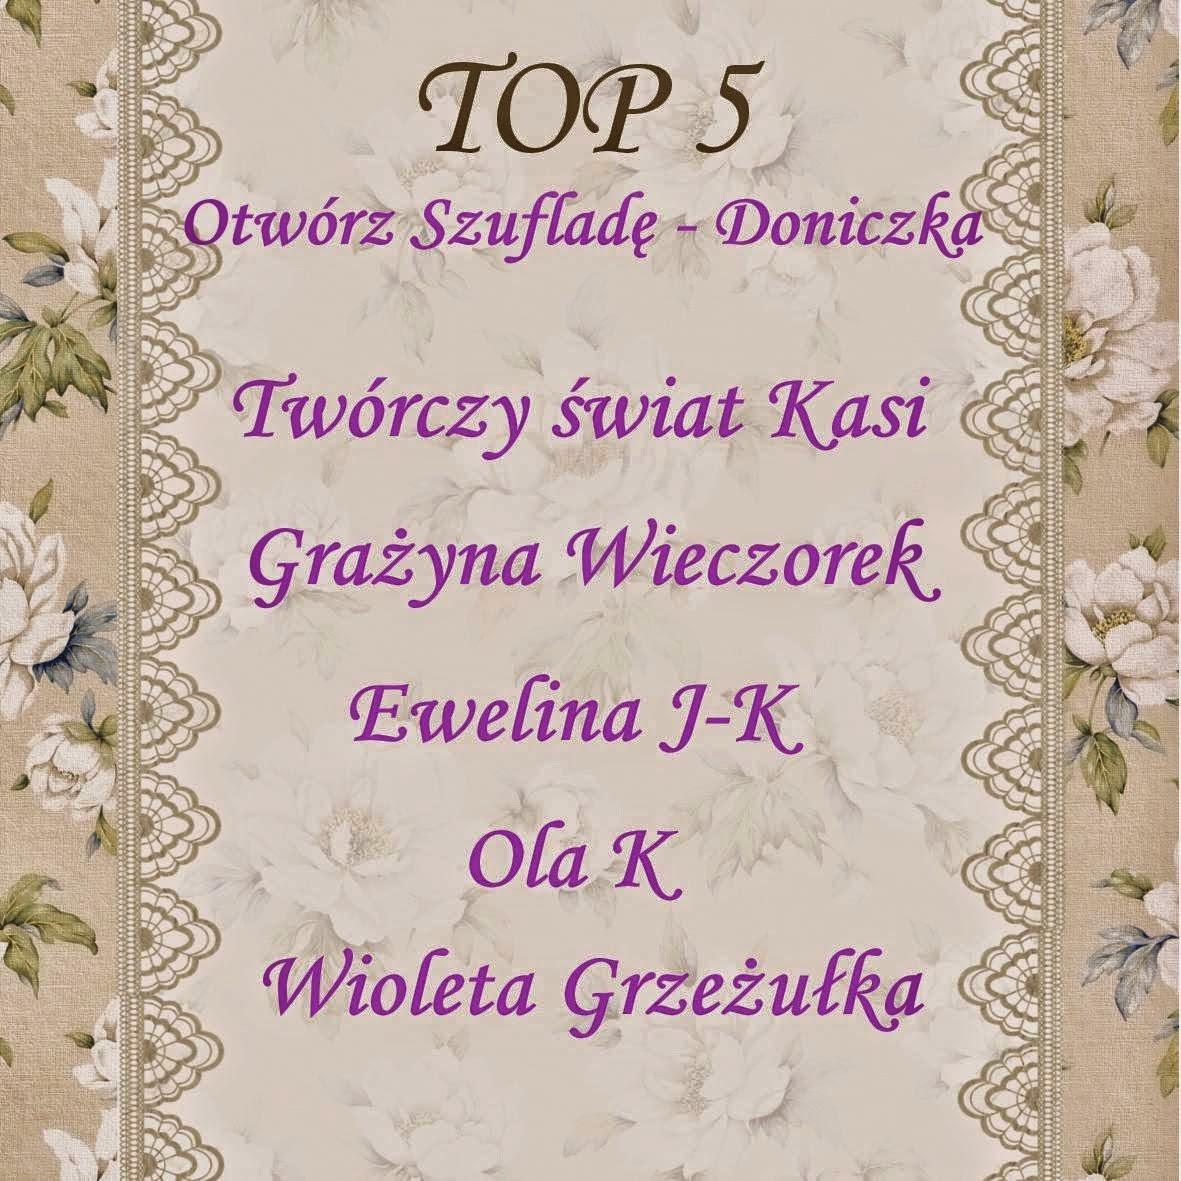 http://szuflada-szuflada.blogspot.com/2014/06/wyniki-wyzwania-z-doniczka.html